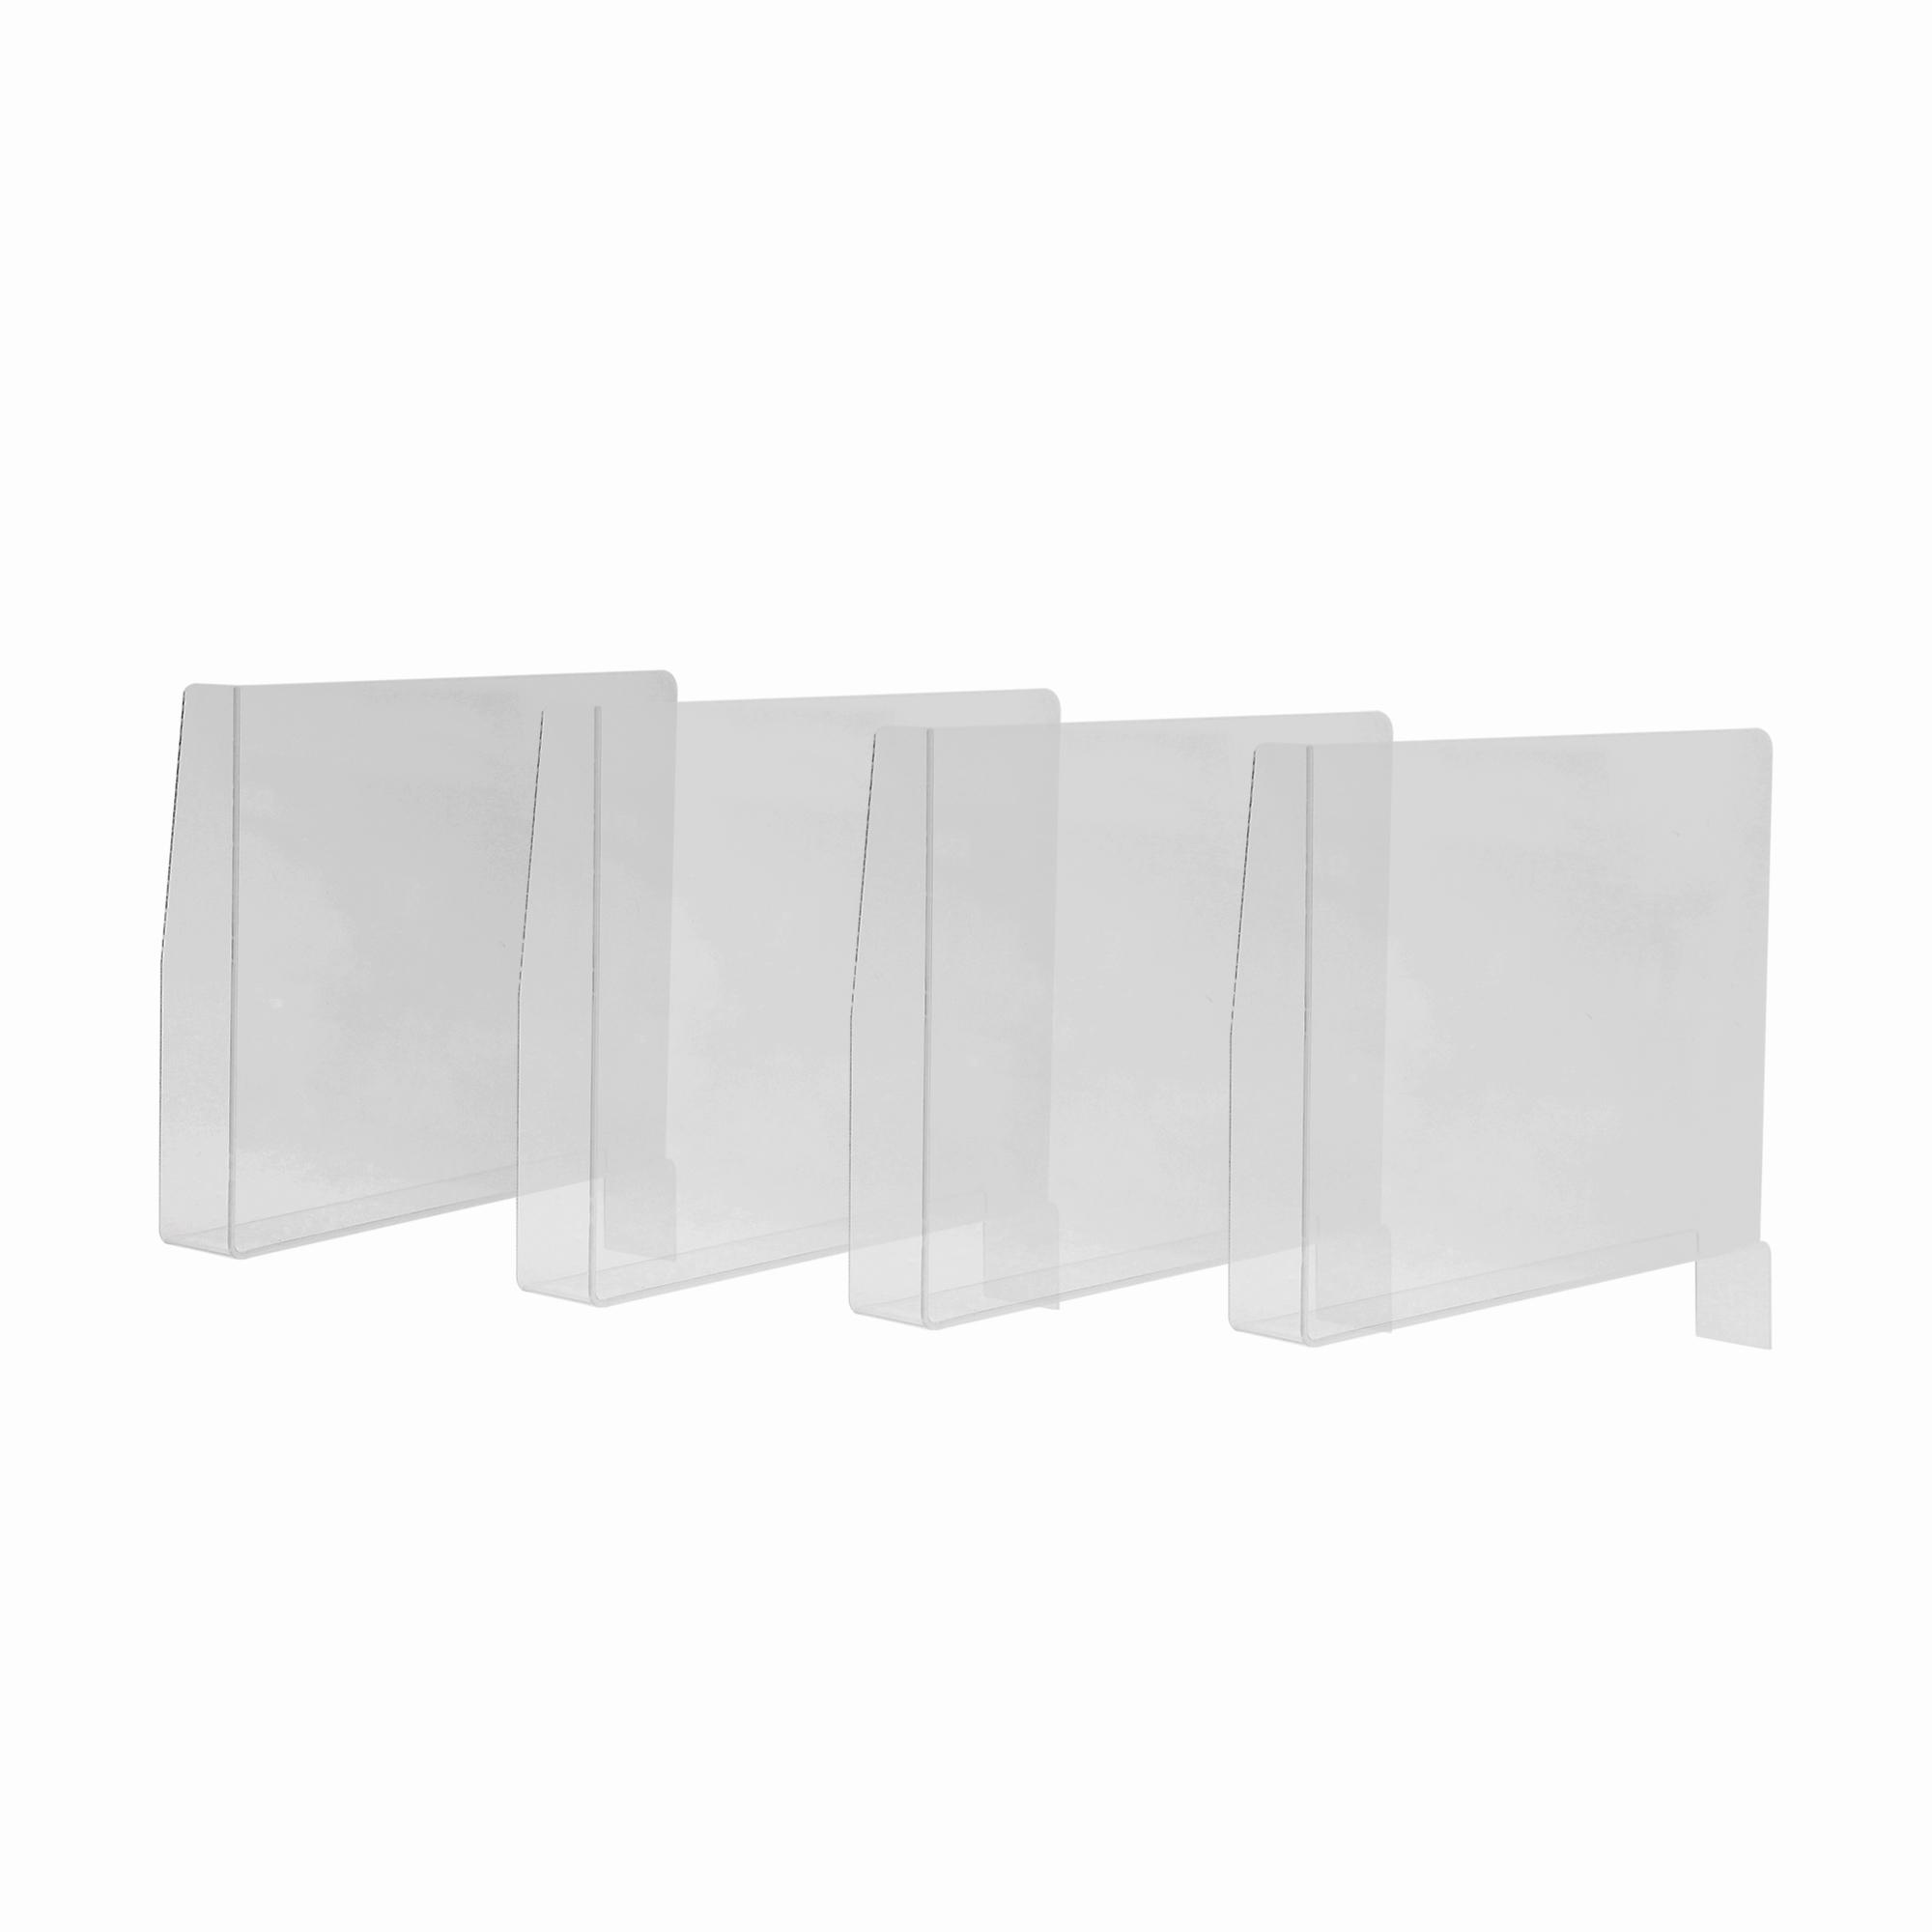 Ghost Shelf Divider Set of 4